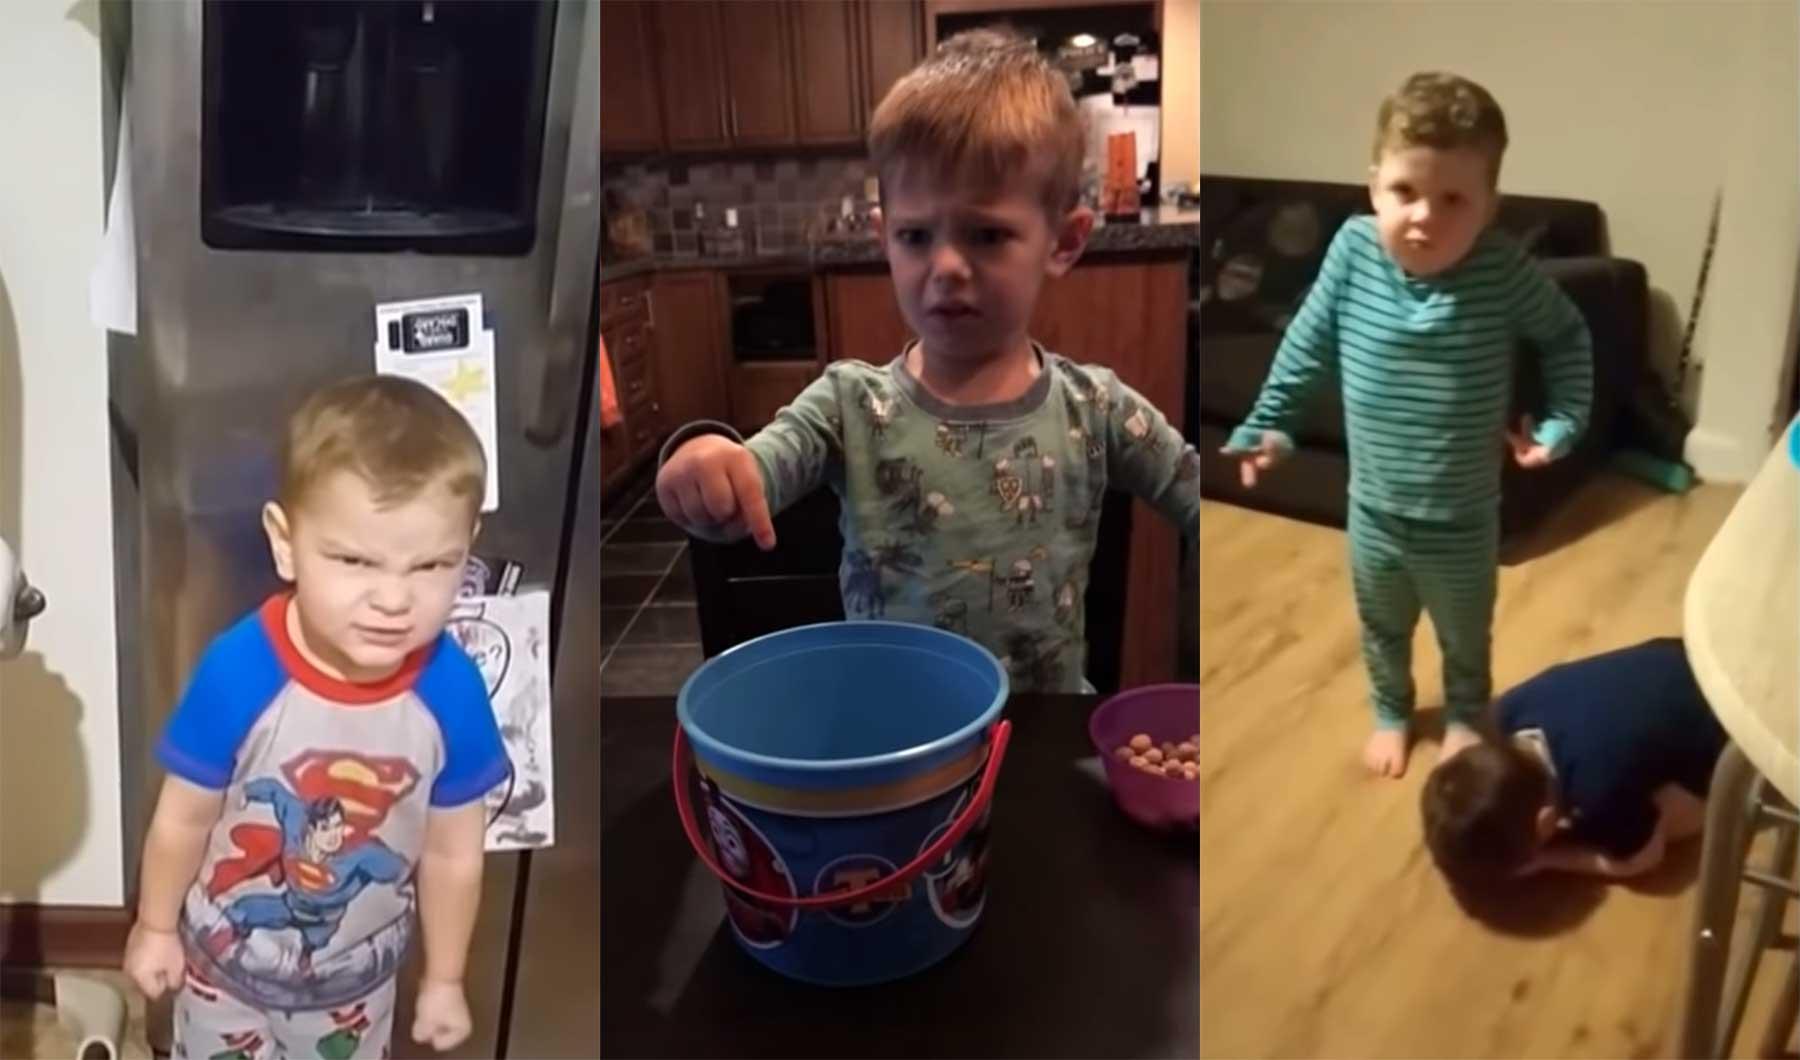 Jimmy Kimmel veräppelt wieder Halloween-Kinder und Gus Johnson den Brauch halloween-challenge-jimmy-kimmel-2018